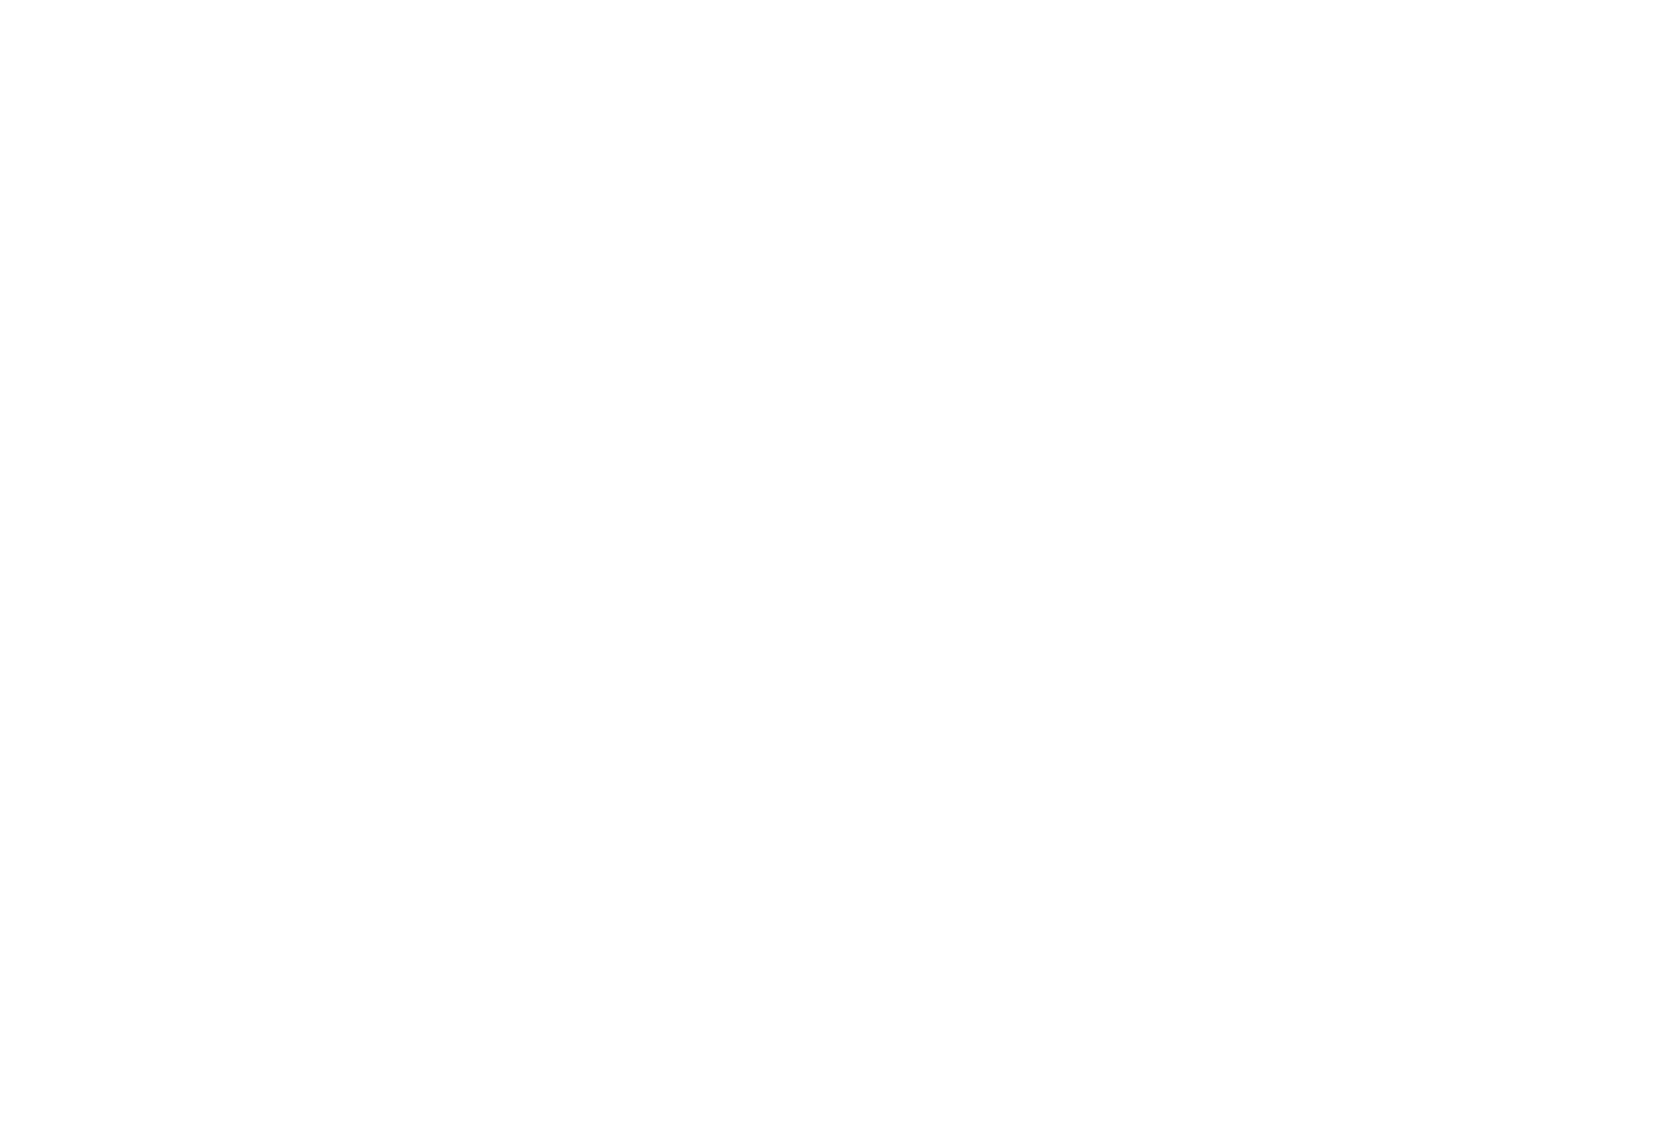 LiquidM DSP